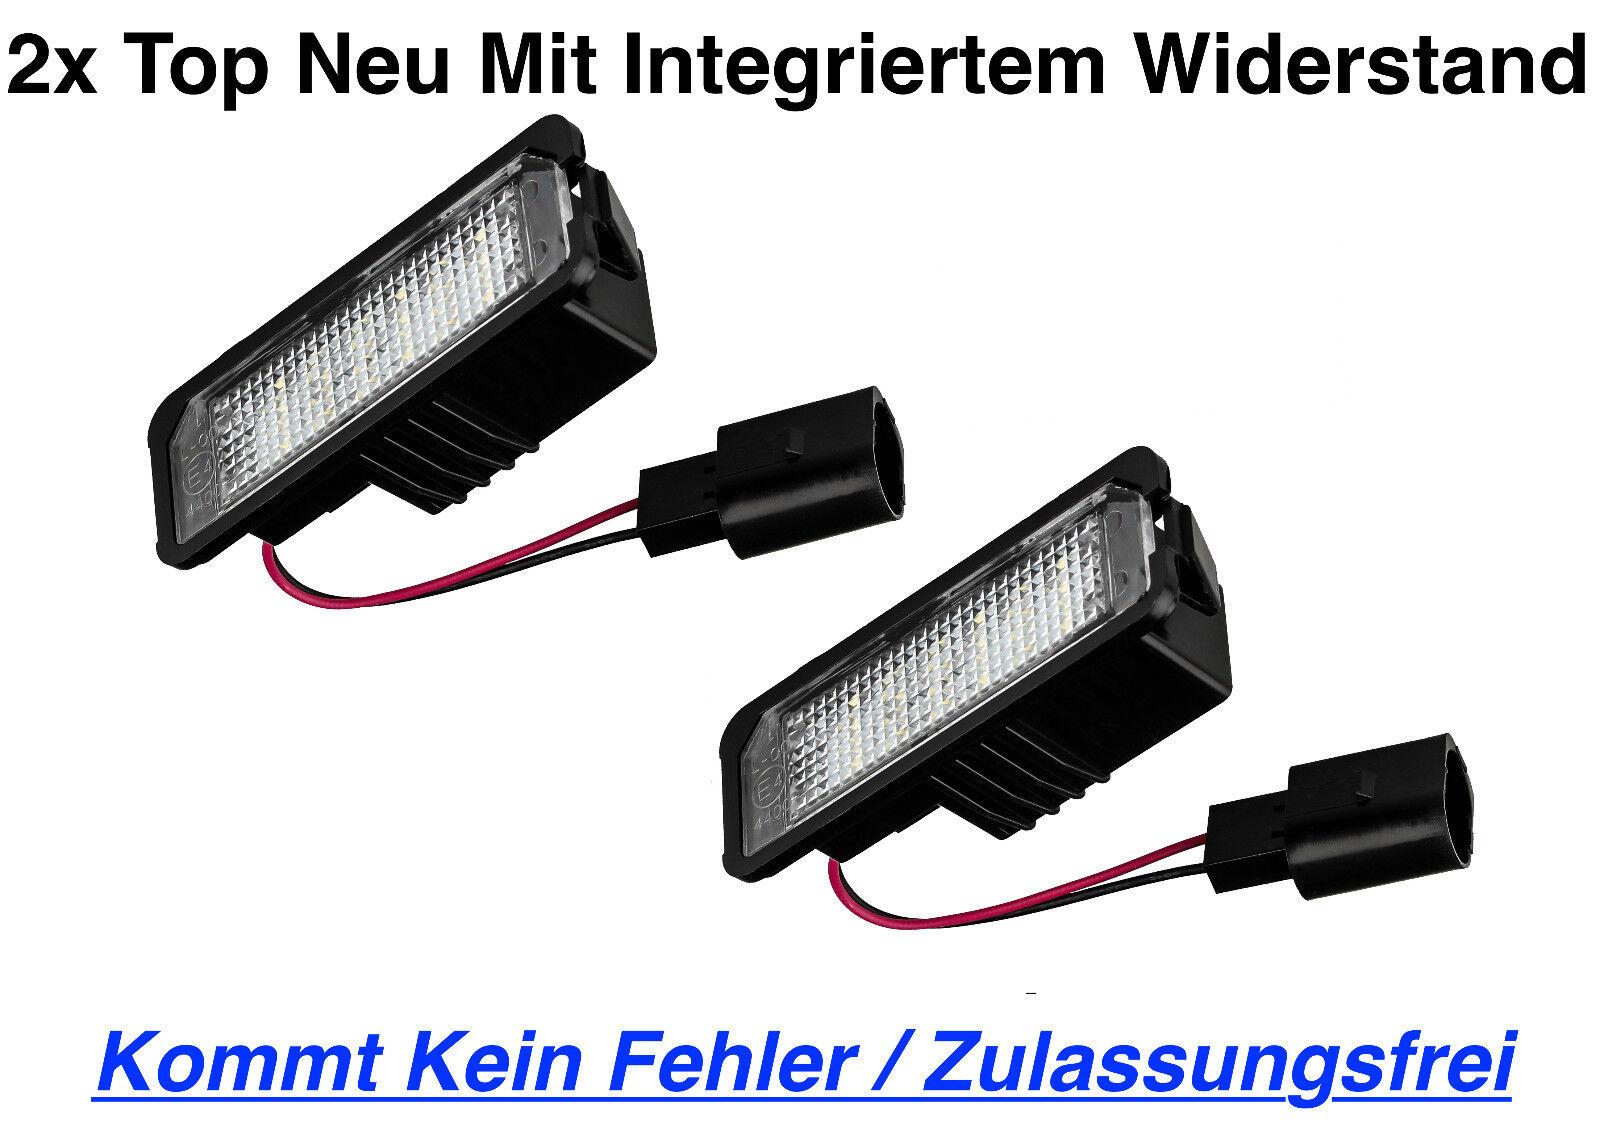 Seat Adapter LED-Kennzeichenbeleuchtung für VW